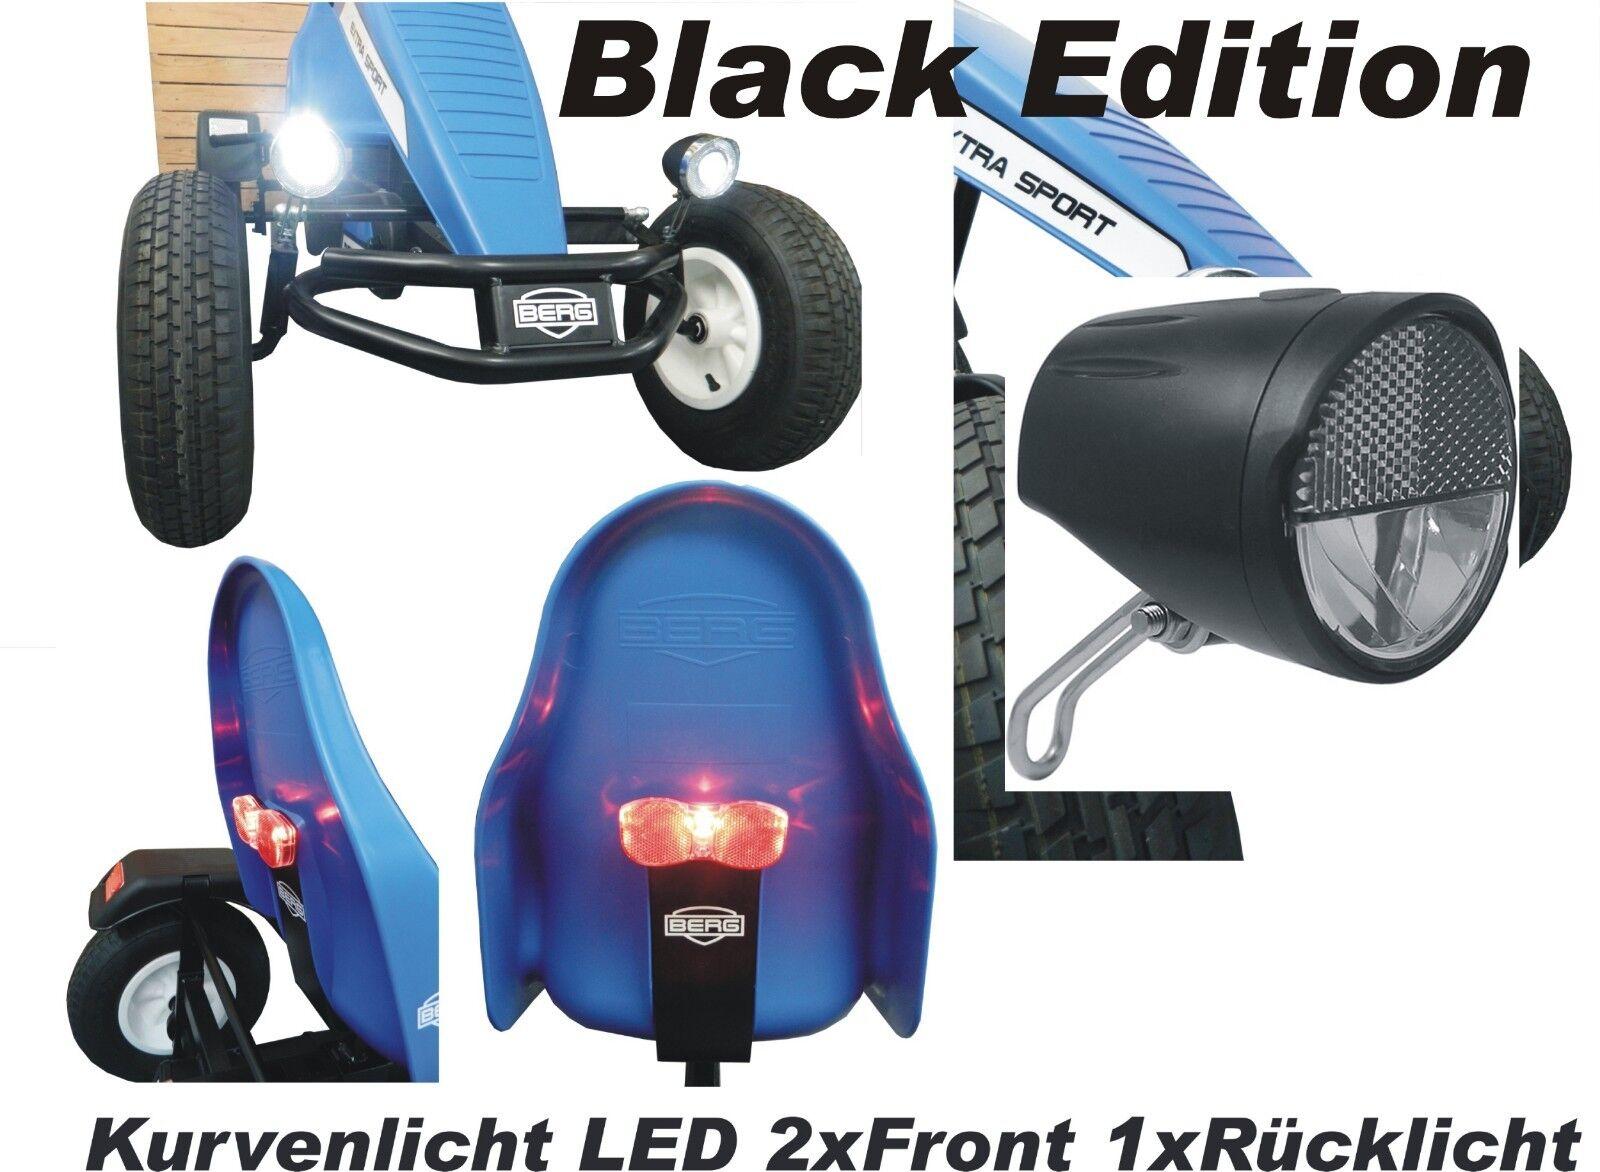 LED Lichtset schwarz Edition Kurvenlicht  2xVorne 1xRücklicht  für Berg Gokart XL